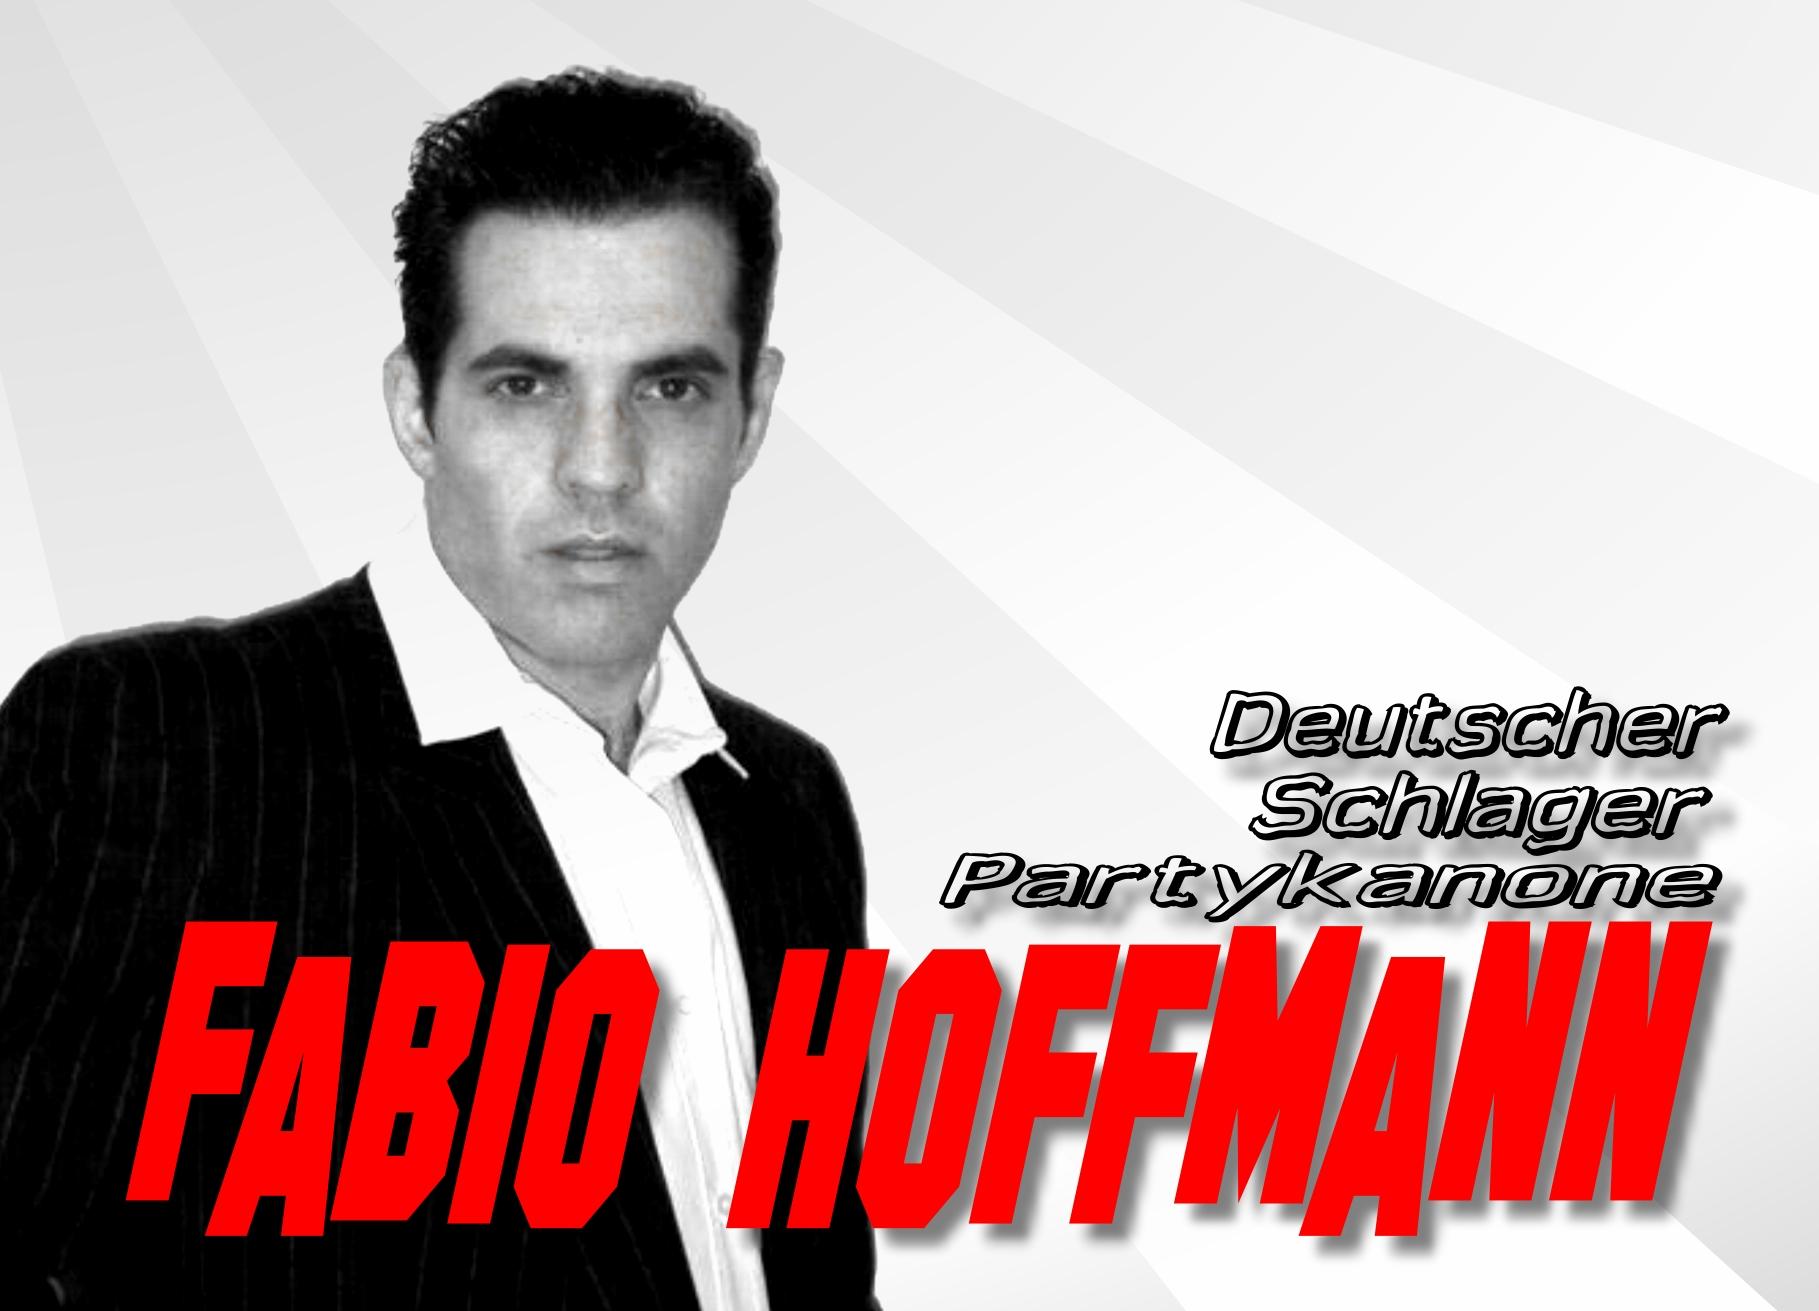 FABIO AUTOGRAMM SEITE 01